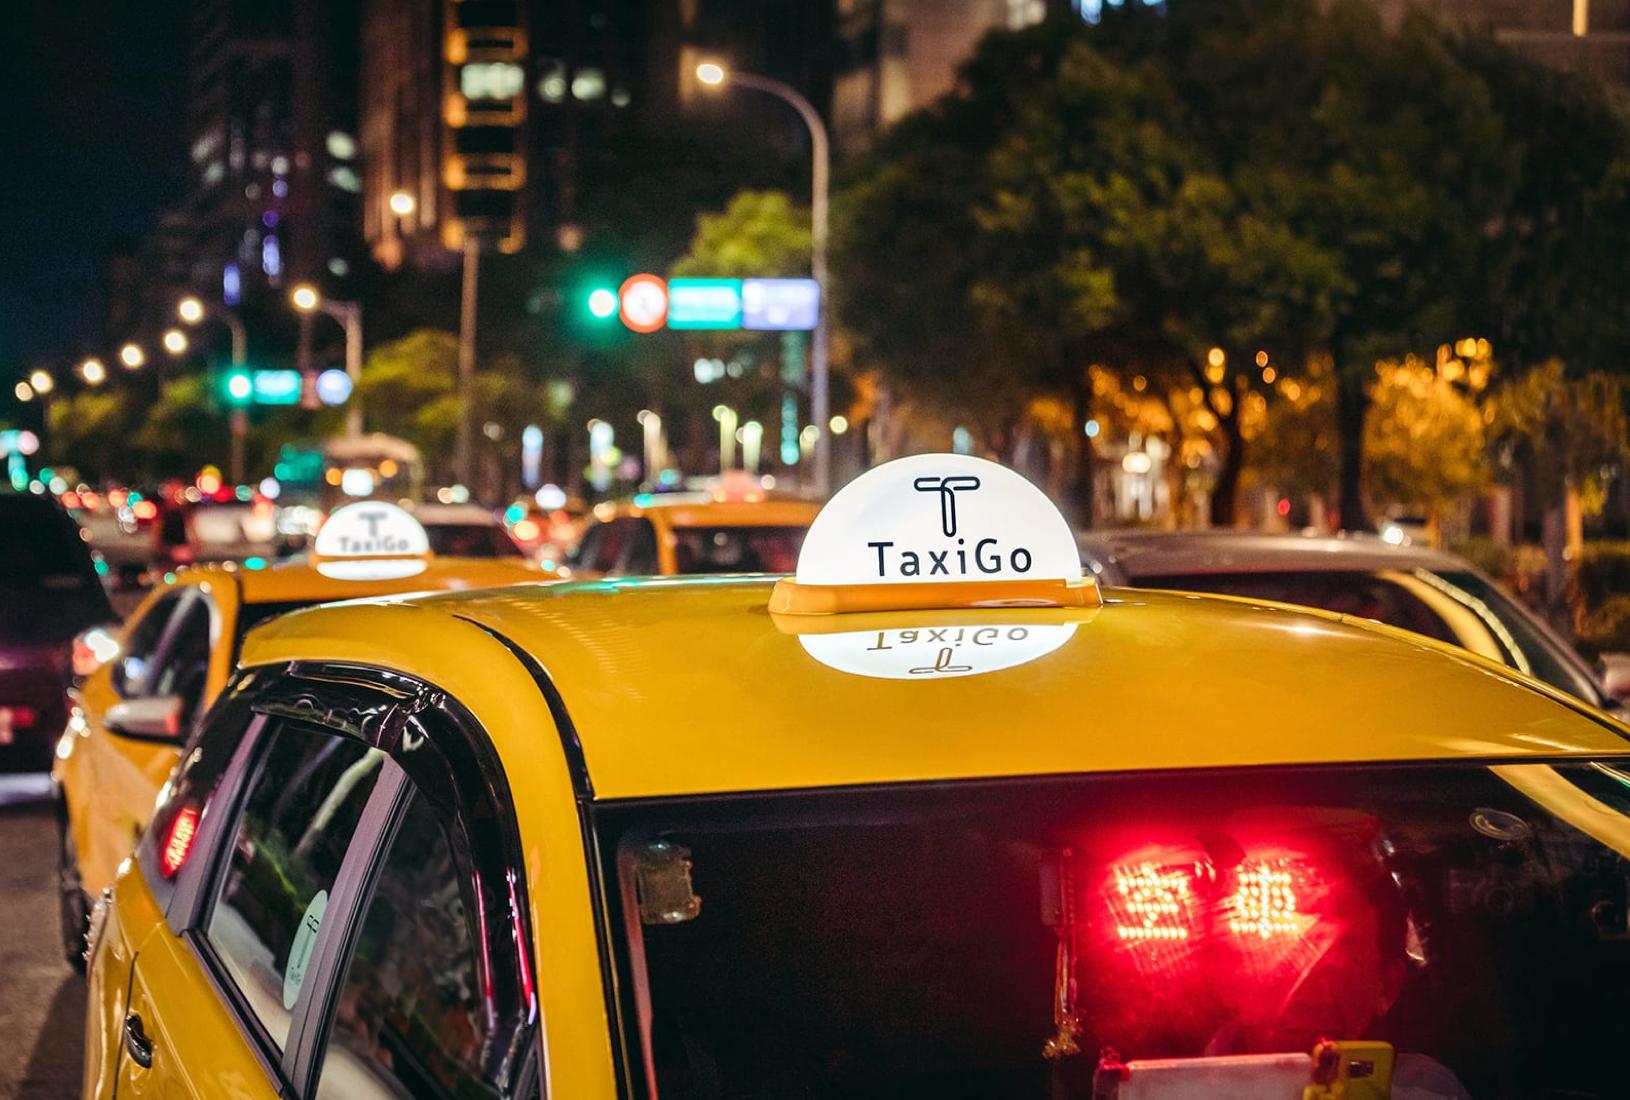 加入TaxiGo車隊的好,大家都知道